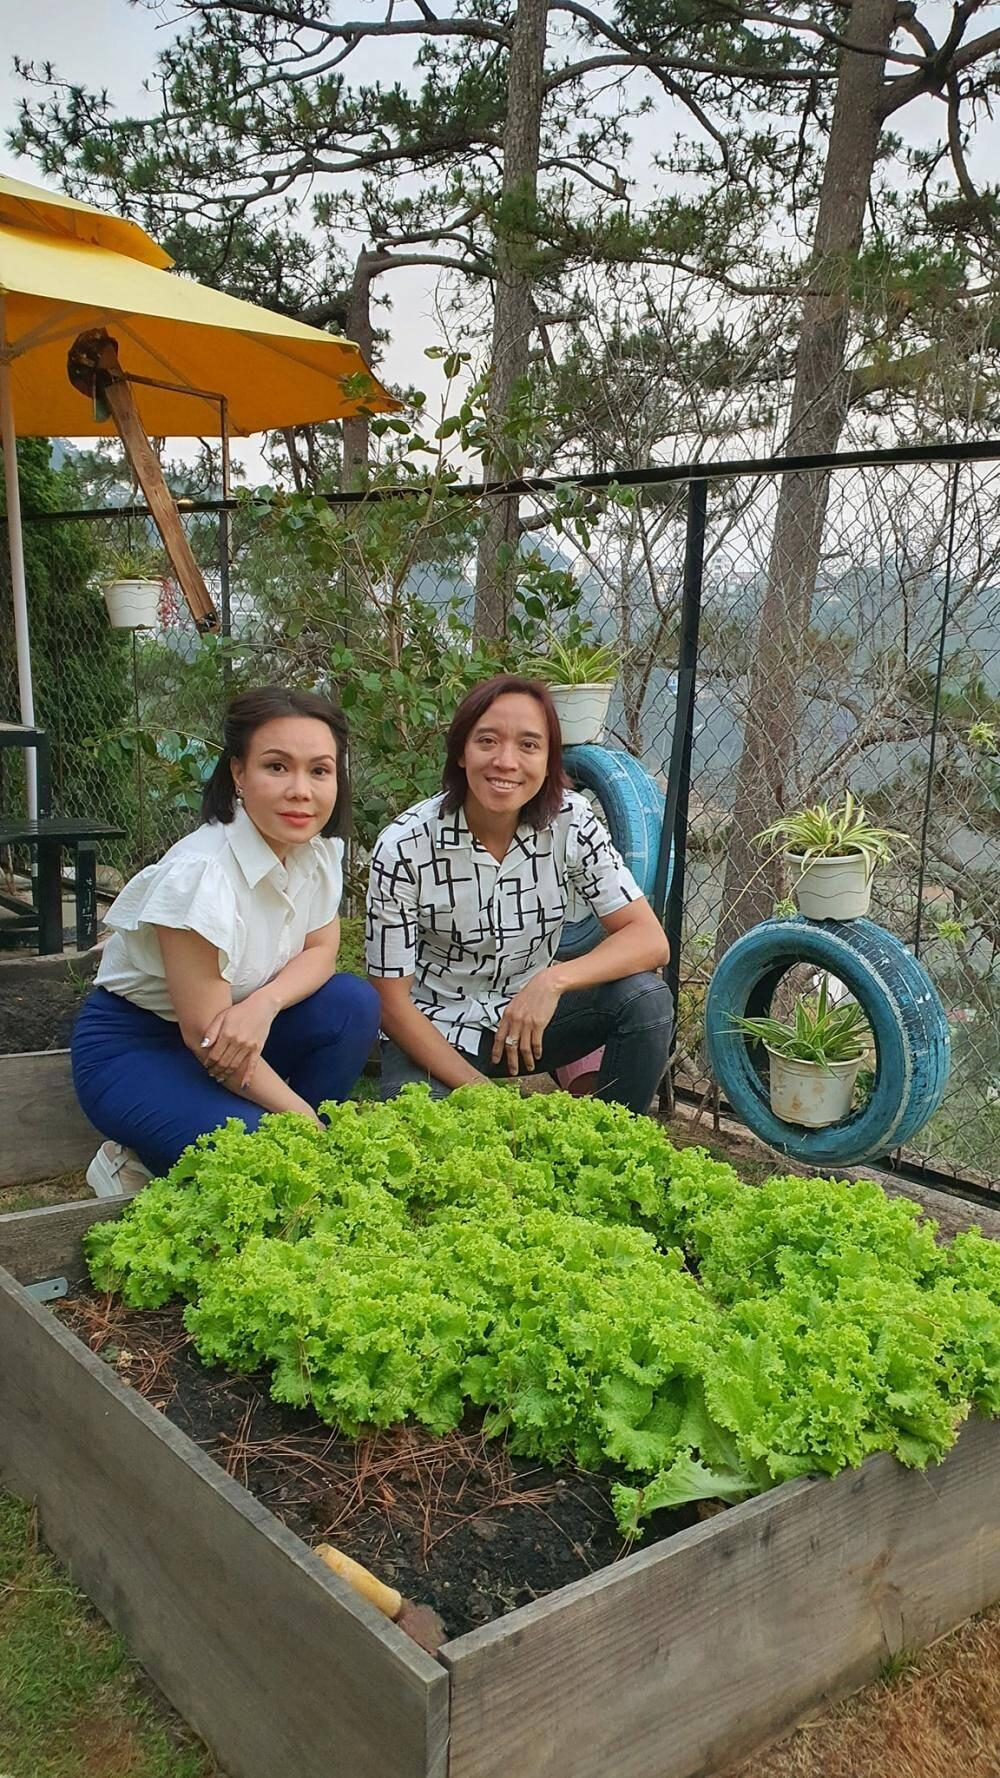 Lần hiếm hoi nghệ sĩ Việt Hương diện áo cúp ngực gợi cảm đi du lịch cùng ông xã Ảnh 3